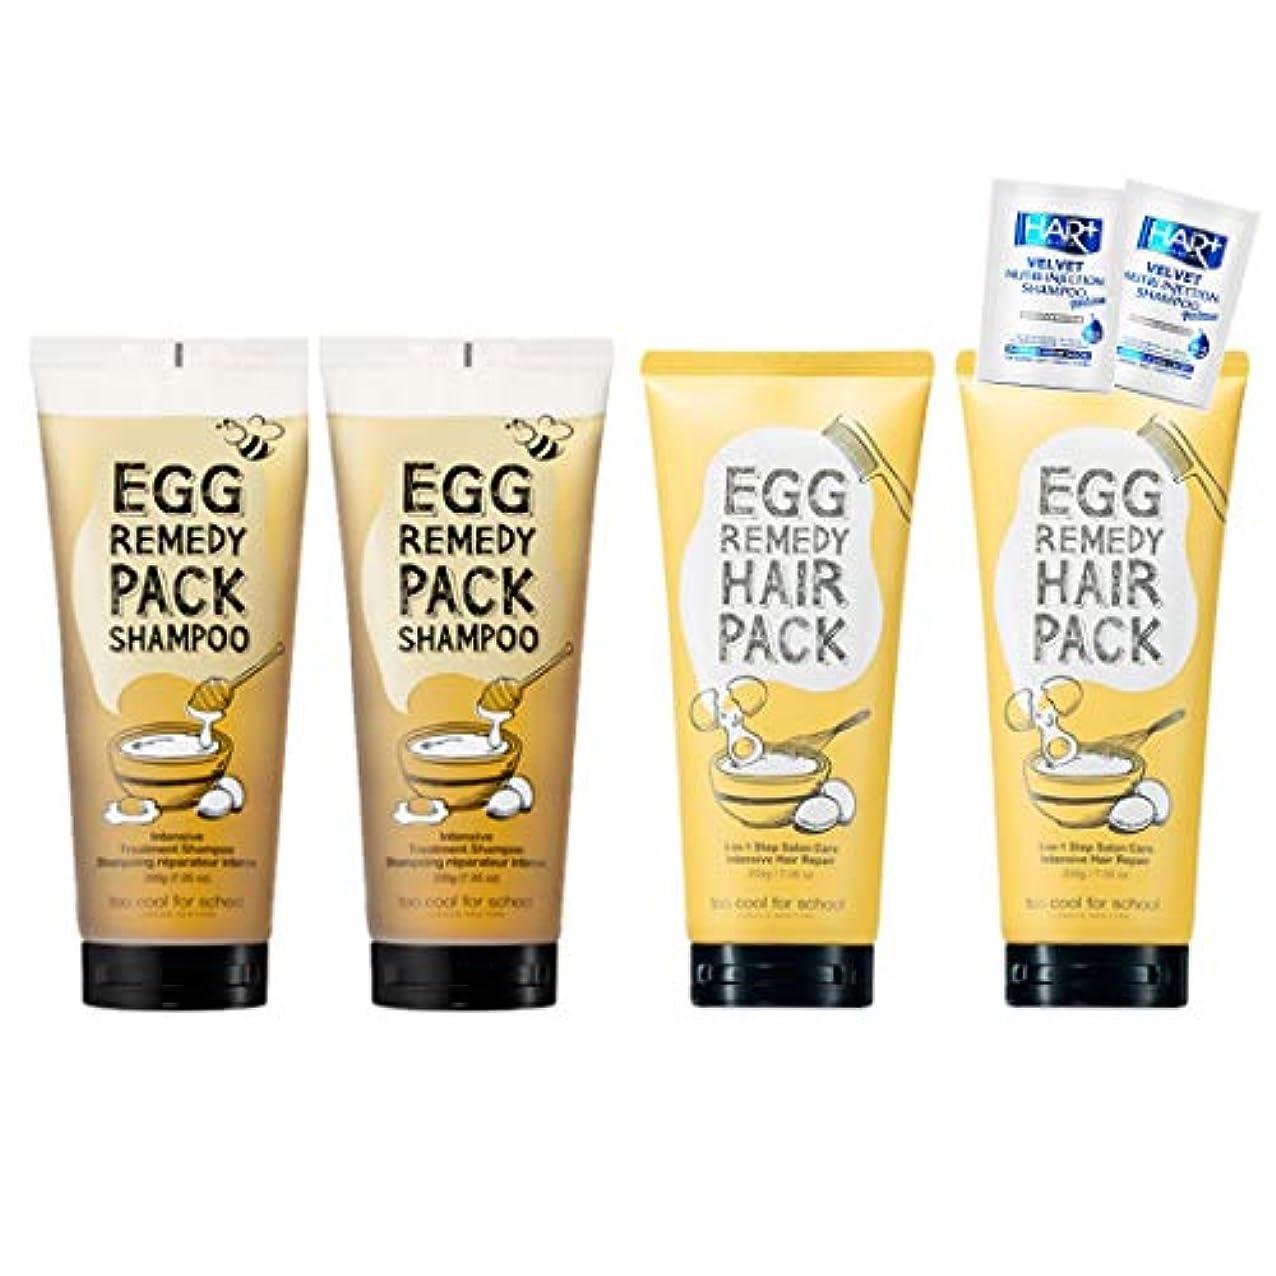 ヒゲクジラ歌信条トゥークールフォ―スクール(too cool for school)/エッグレミディパックシャンプーtoo cool for school Egg Remedy Pack Shampoo 200ml X 2EA + エッグレミディヘアパック...